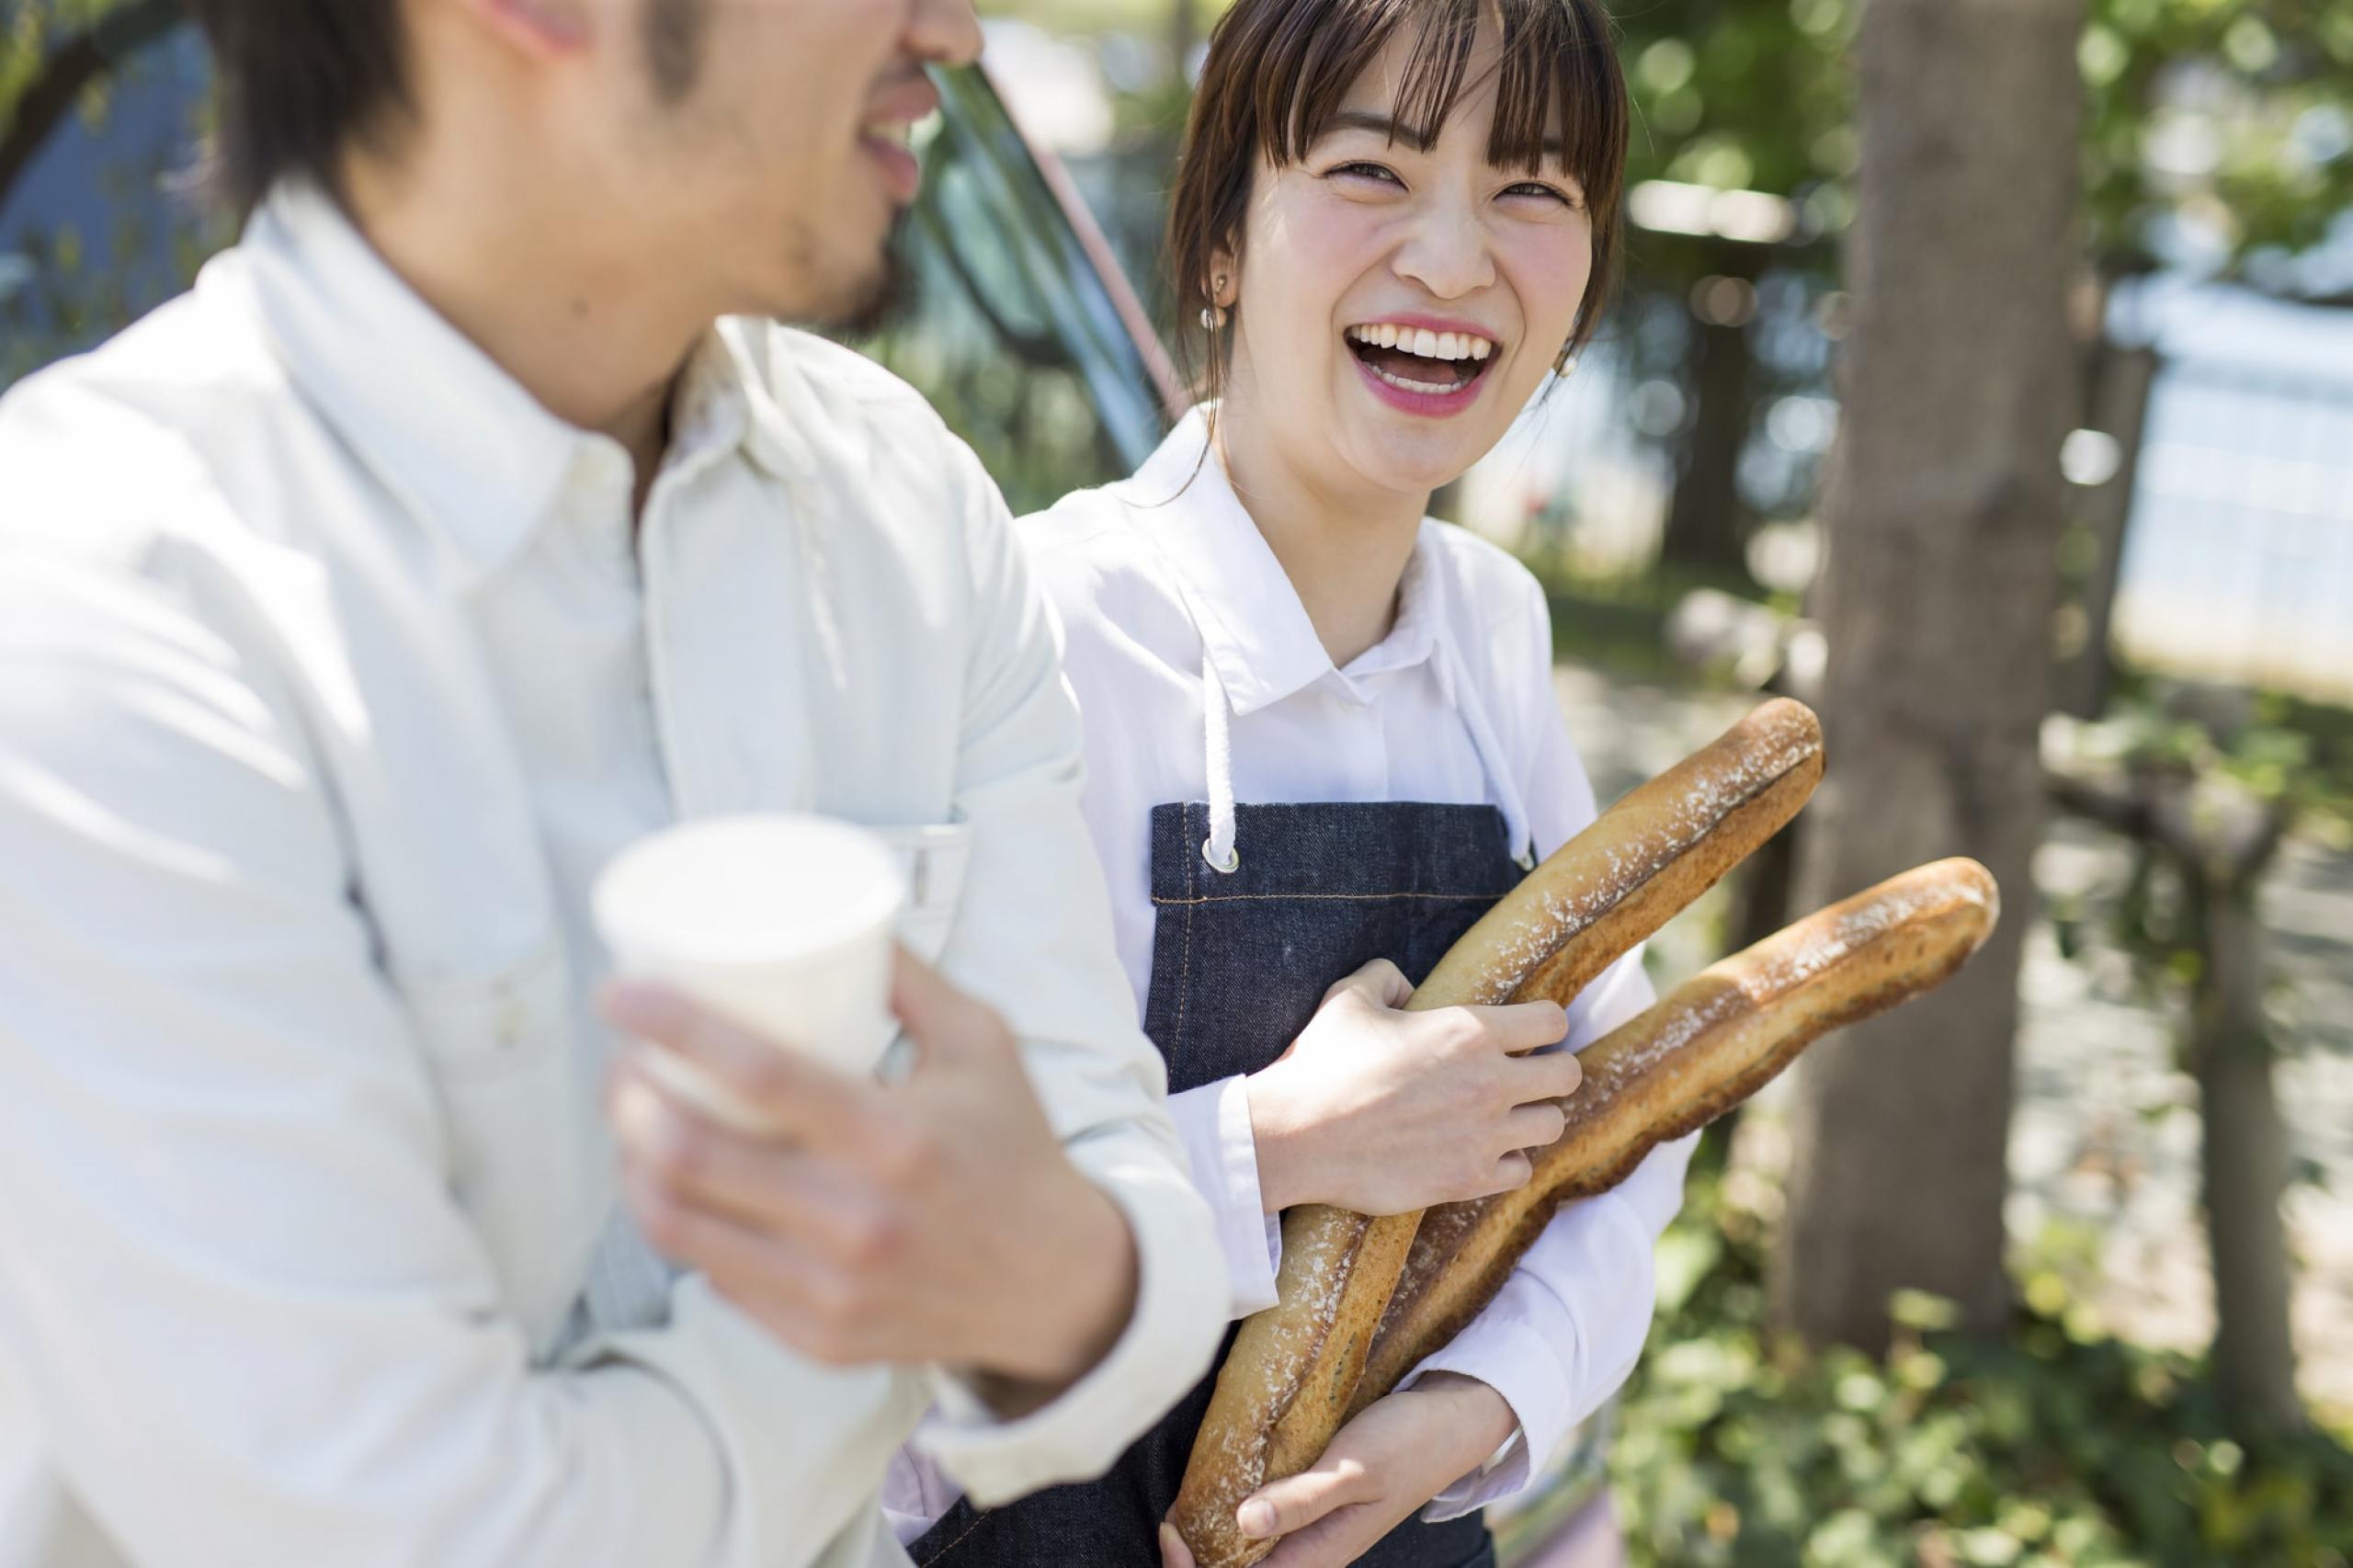 飲食店が「働き方改革」を実現する為の「スキルマップ」の作り方と活用法|飲食店コンサルティング会社スリーウェルマネジメント